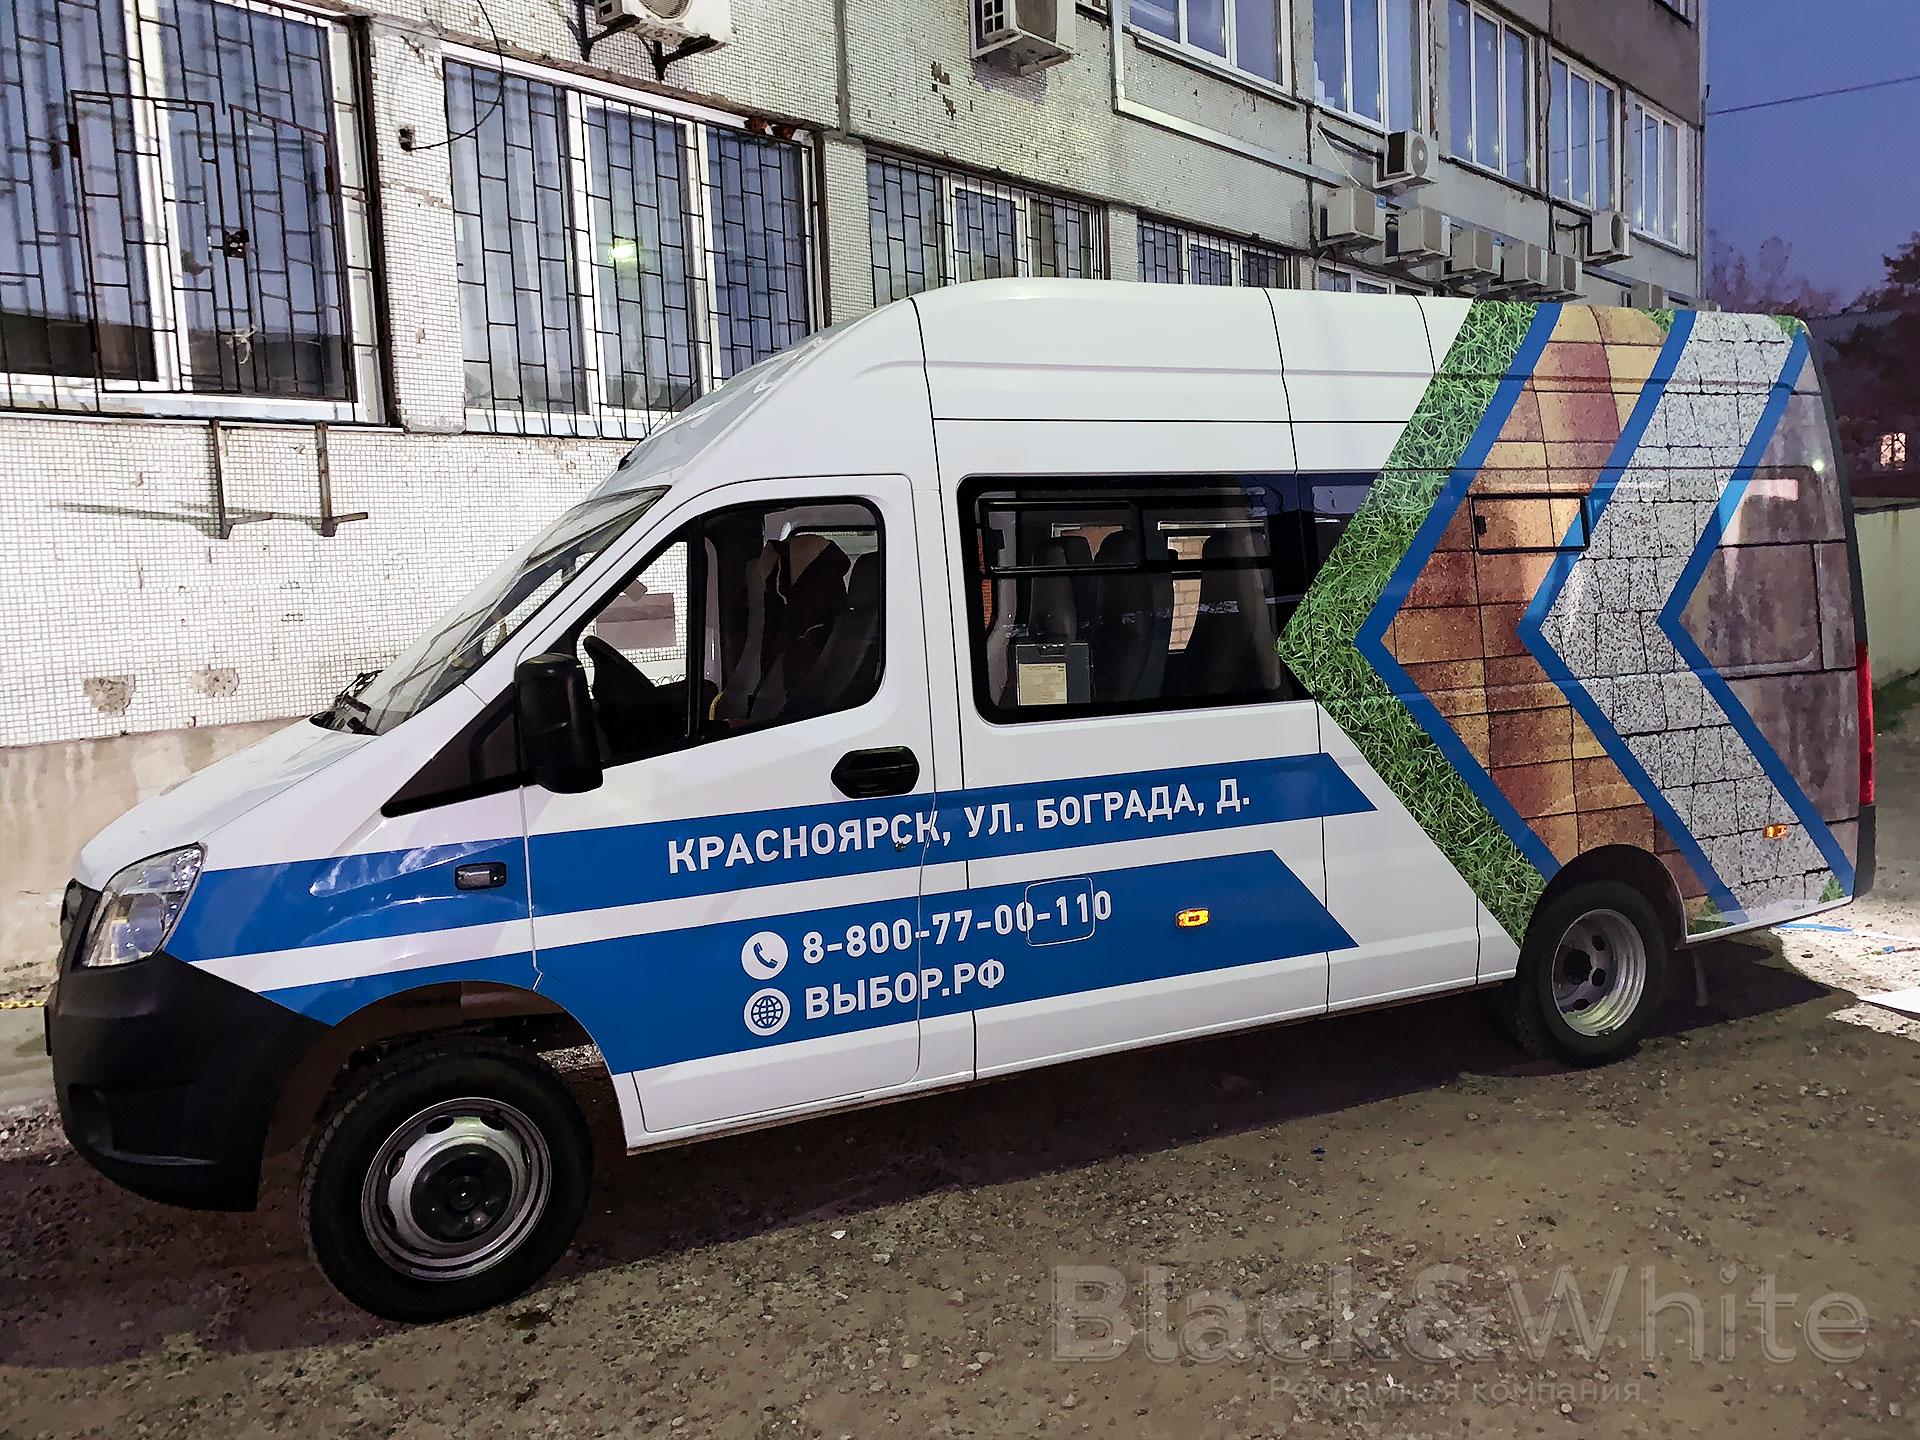 Брендирование-автобуса-Танцы-Сибири-Красноярск.....jpg